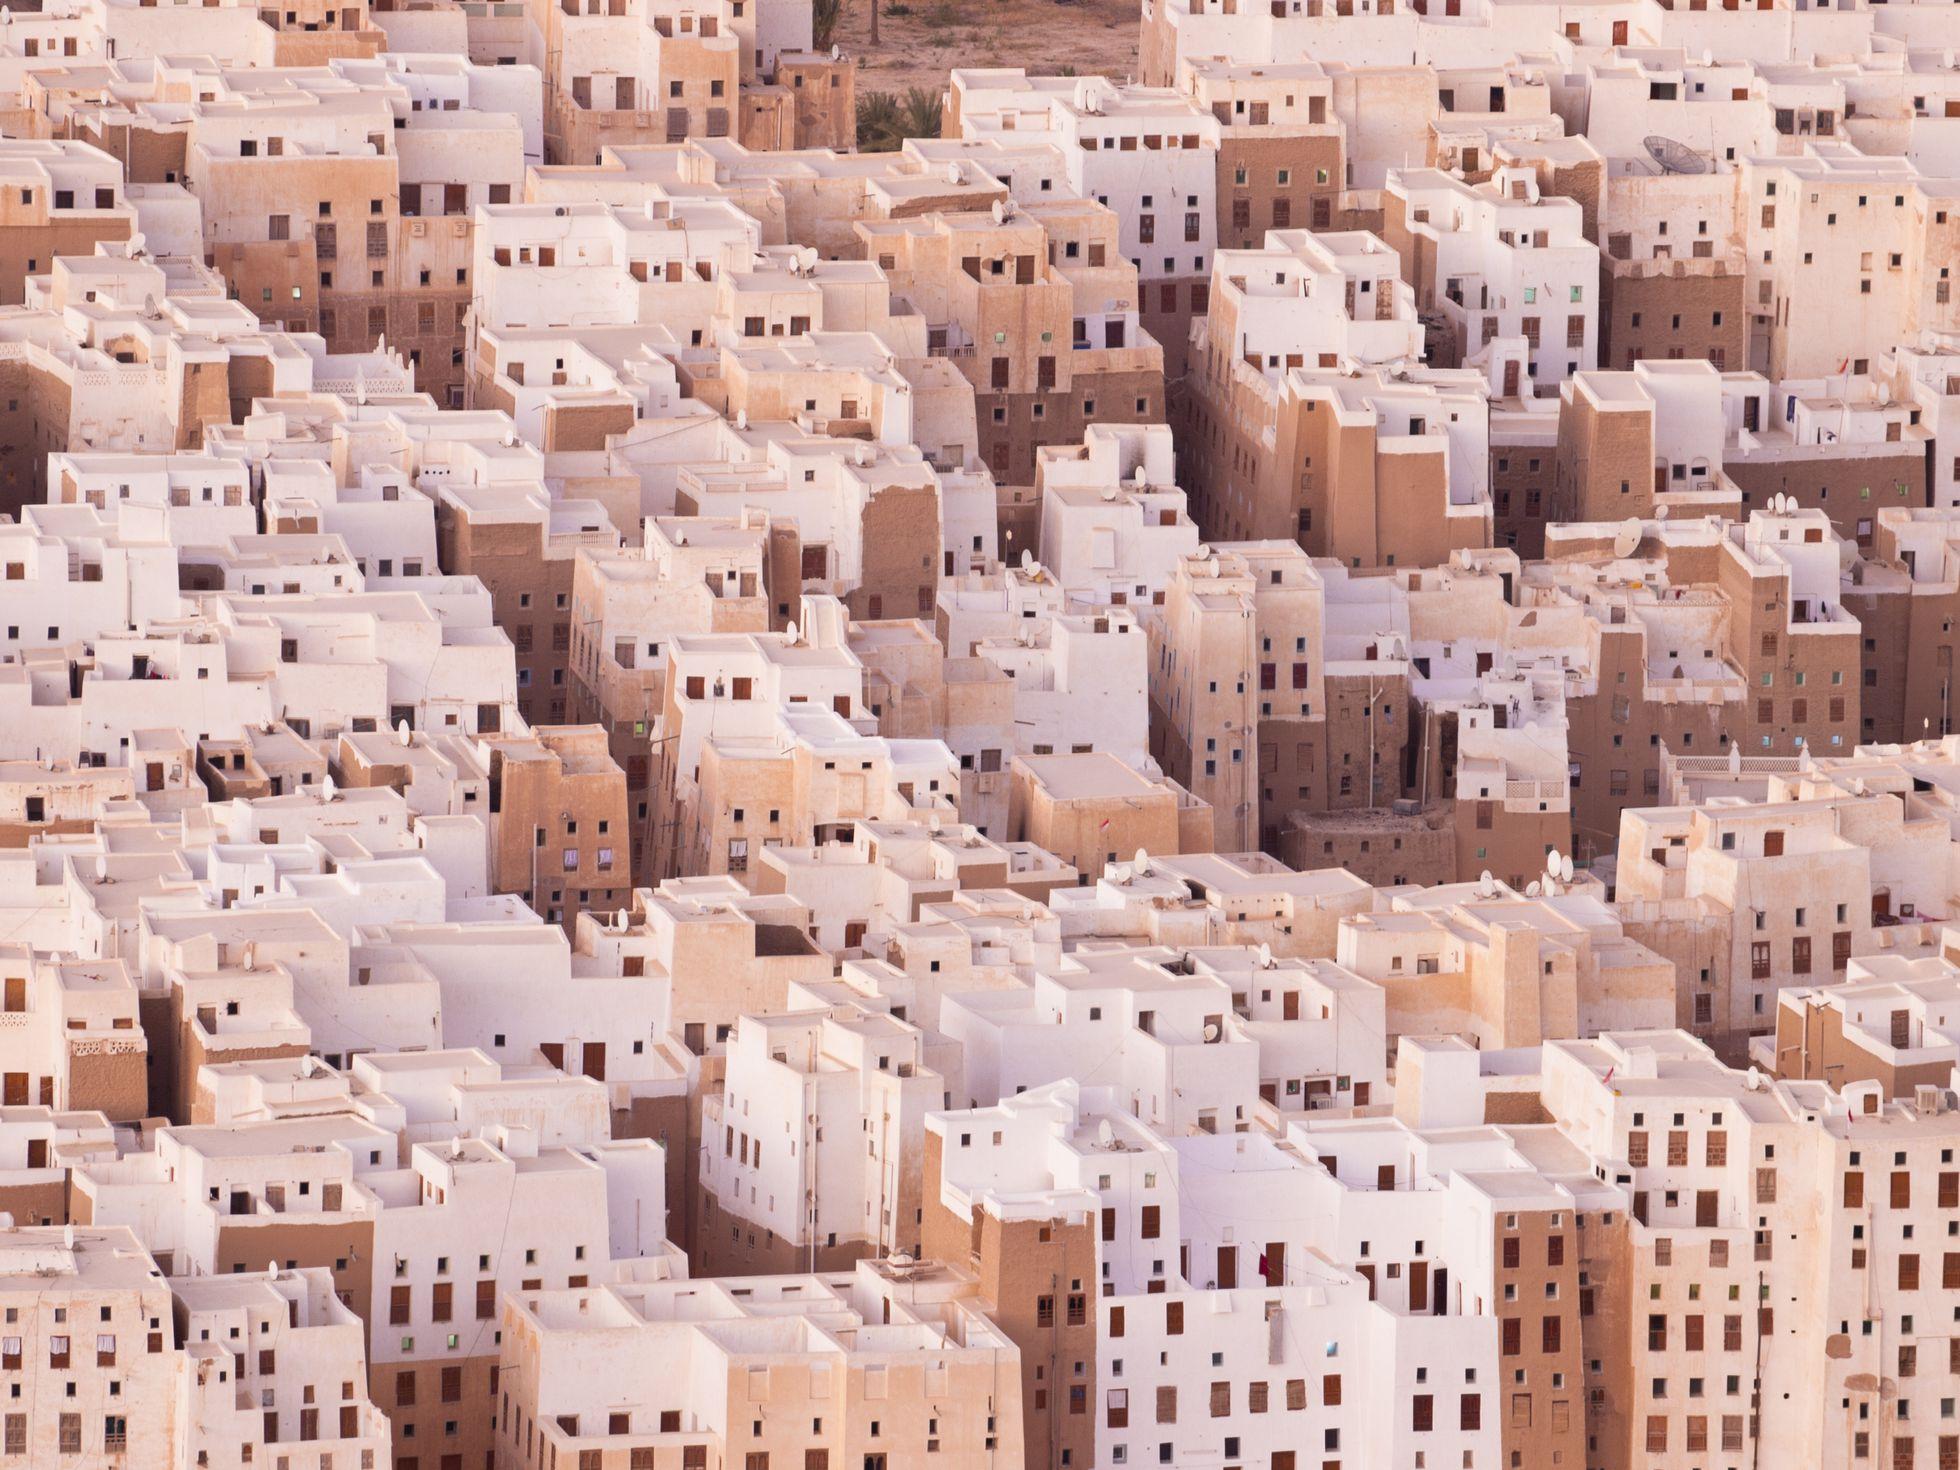 Shibam. La Manhattan del desierto: la ciudad yemení que en el siglo XIV inventó los rascacielos